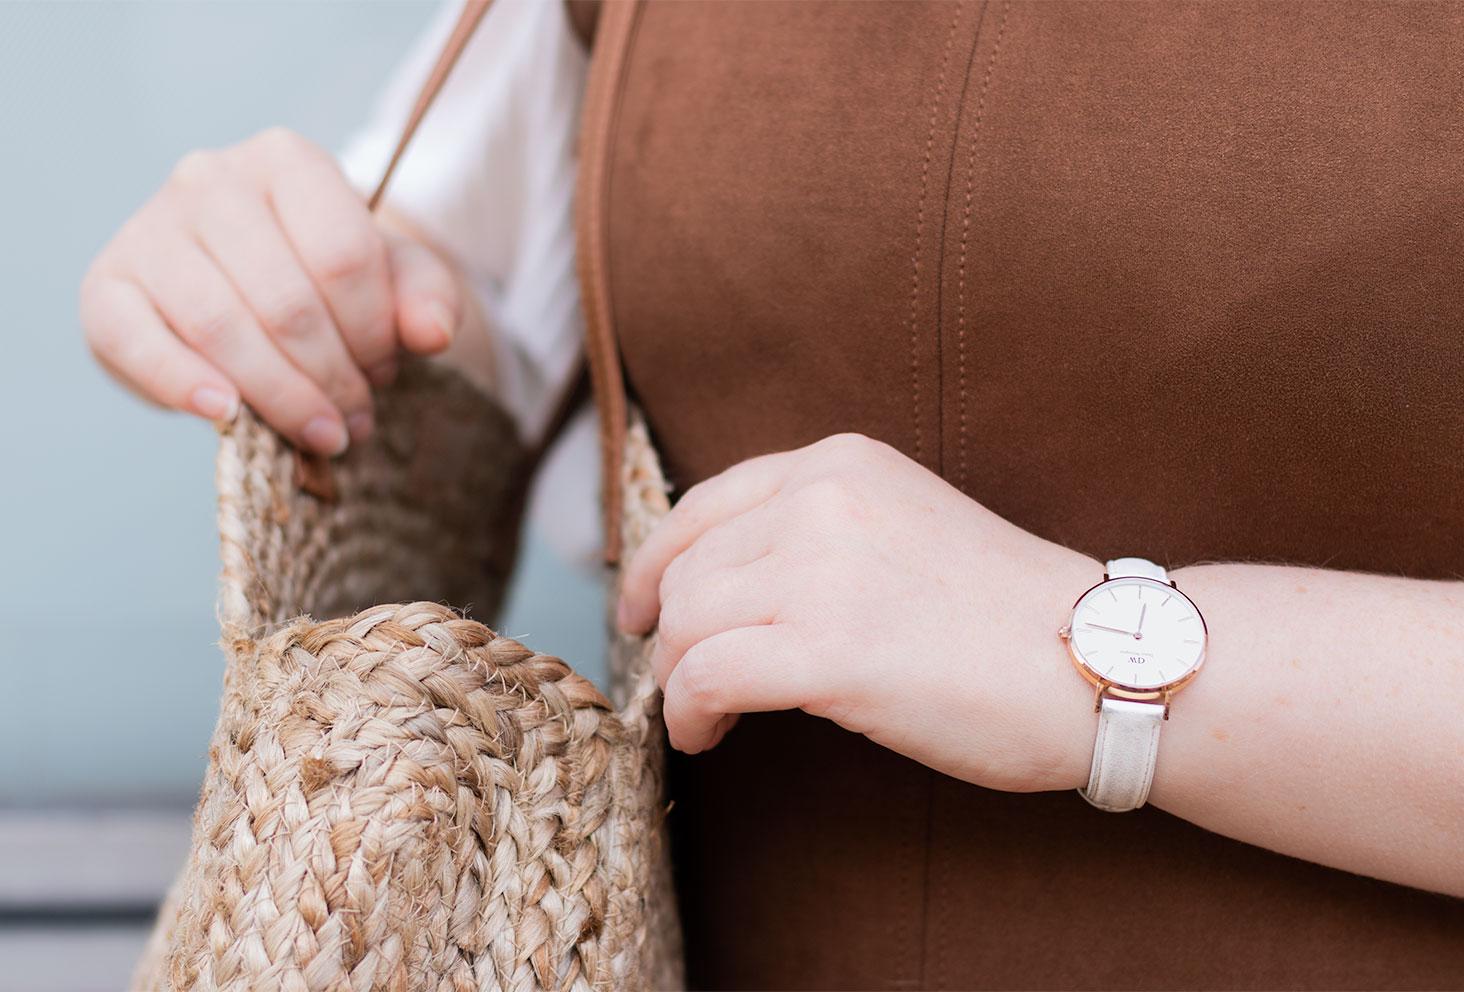 La montre blanche portée, en train de chercher dans un sac en paille à l'épaule